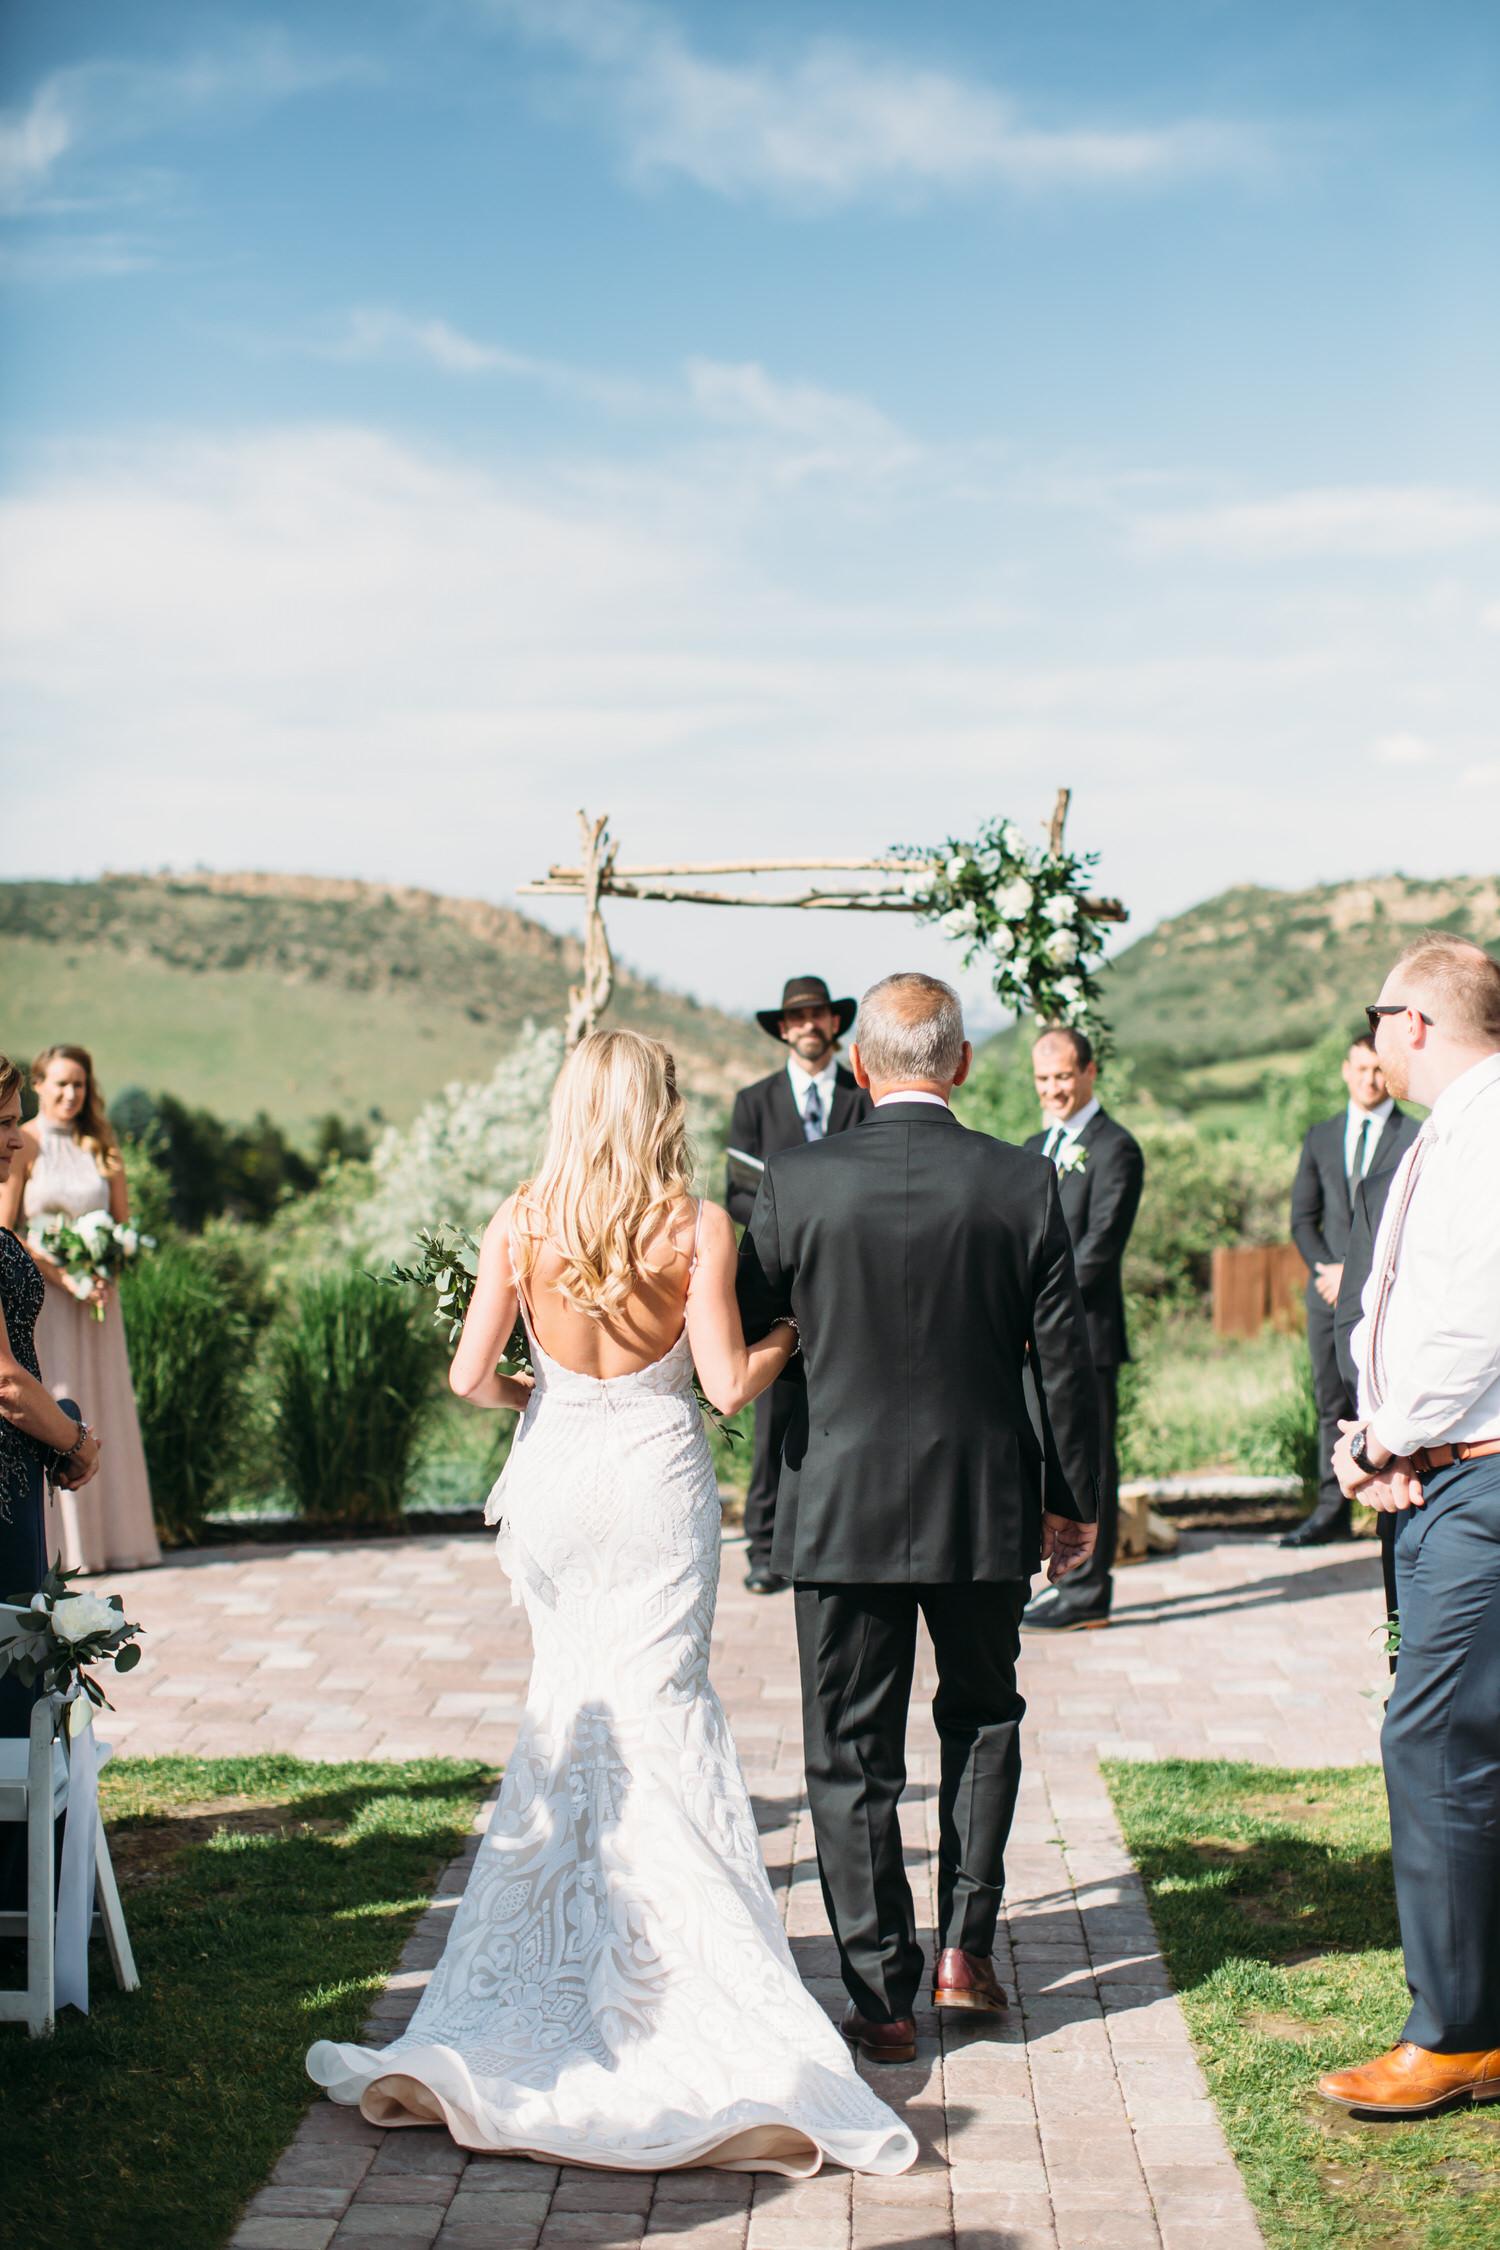 Mountain wedding, Denver Colorado wedding photographer, bride walking down aisle